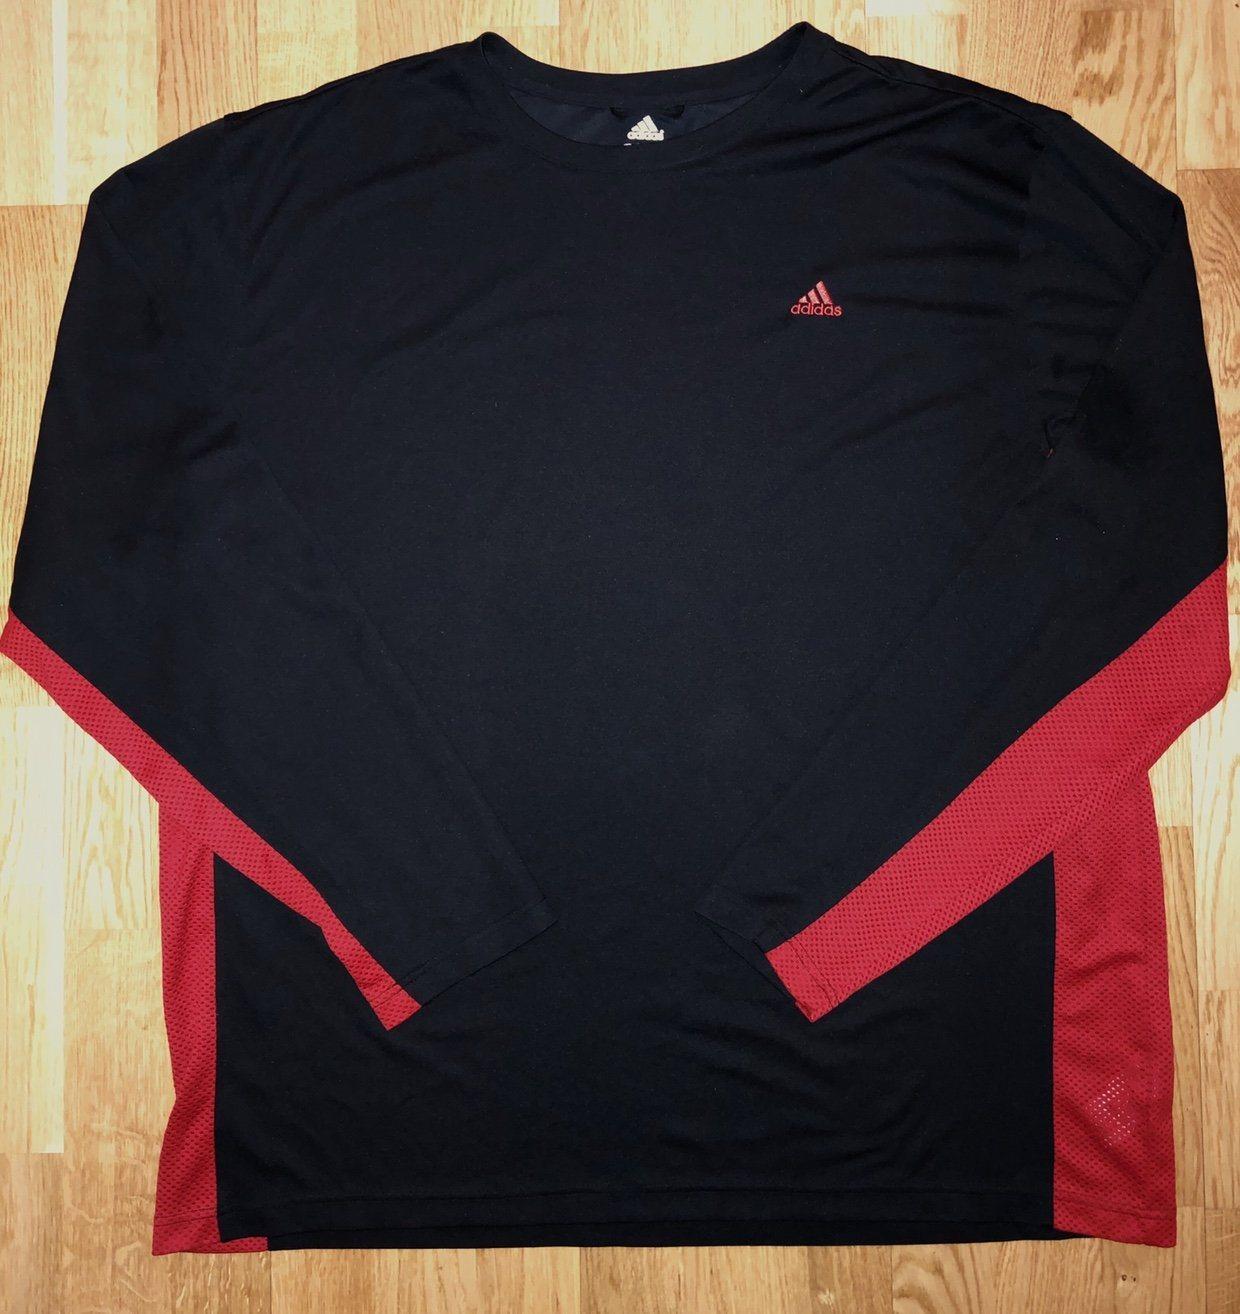 watch 99caf 70b82 Climacool tröja svart/röd adidas xxl (3XL) (344553322) ᐈ ...